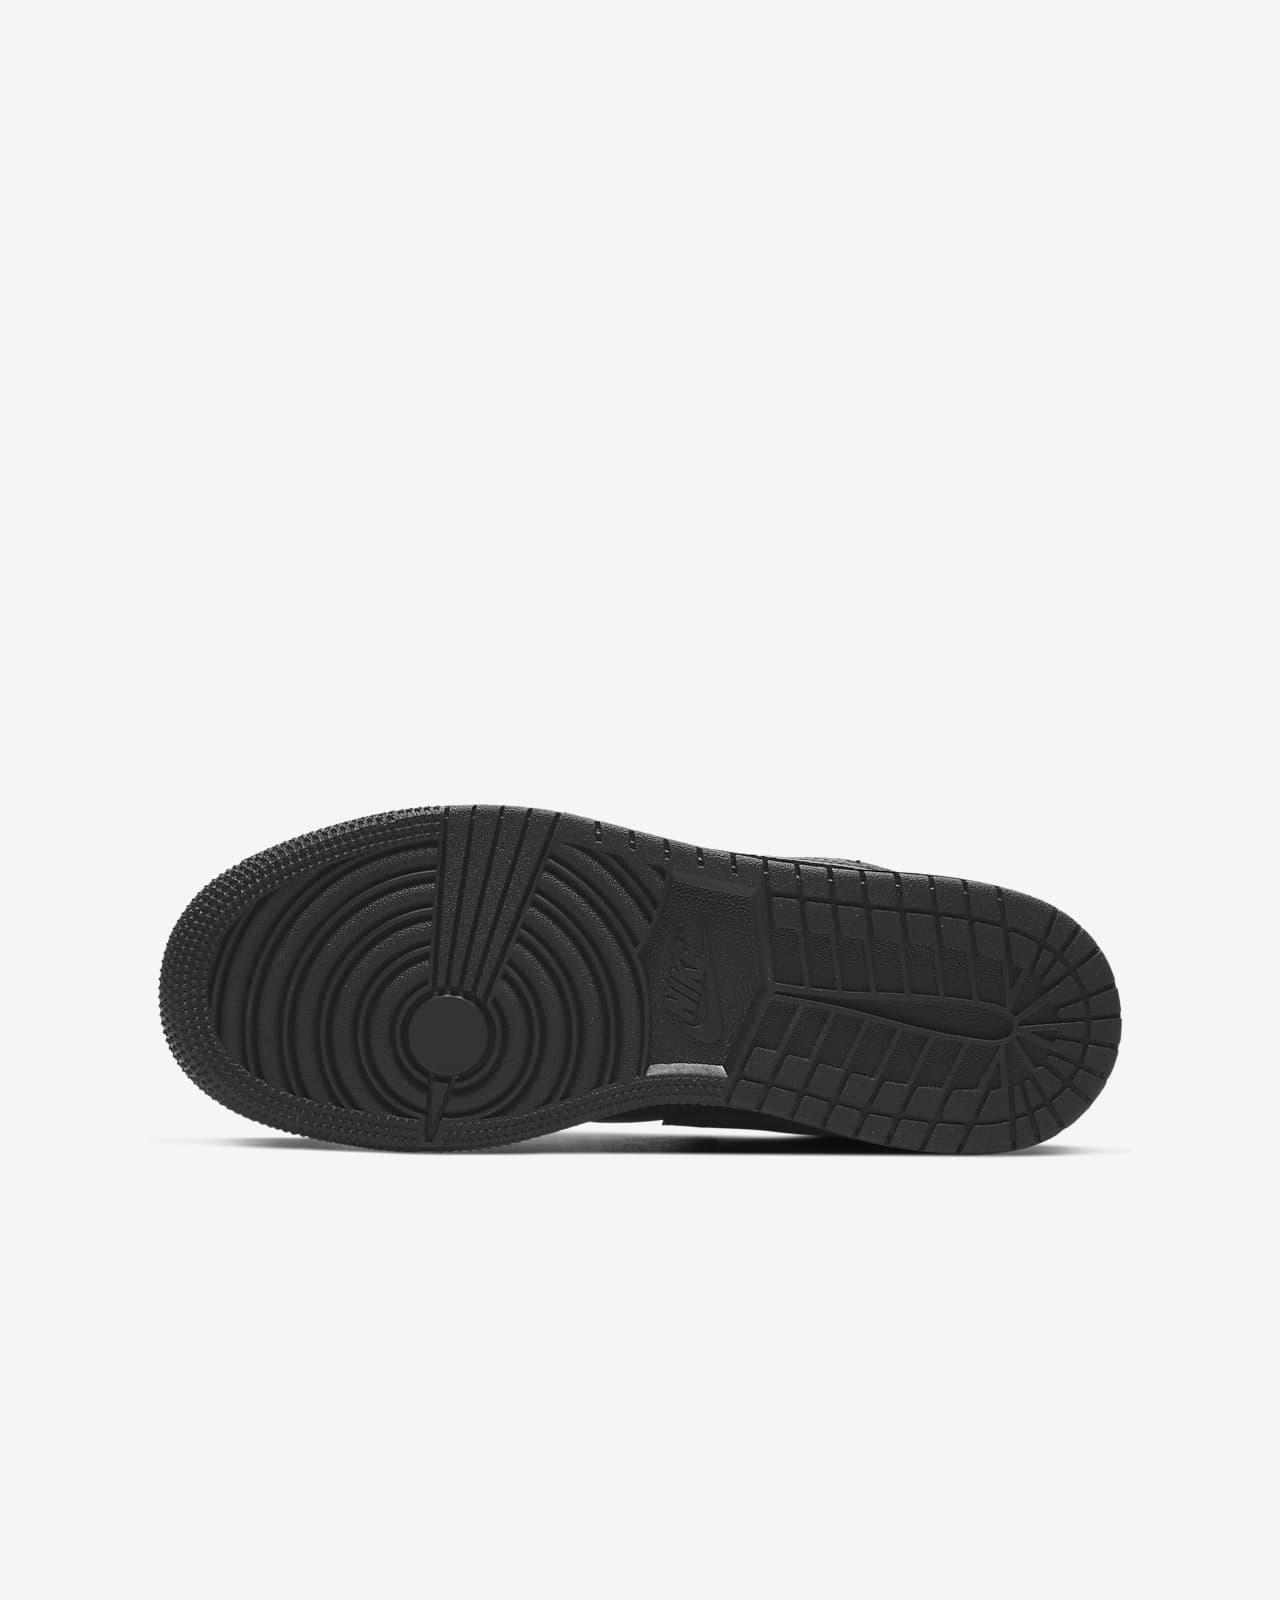 Chaussure Air Jordan 1 Low pour Enfant plus âgé. Nike LU